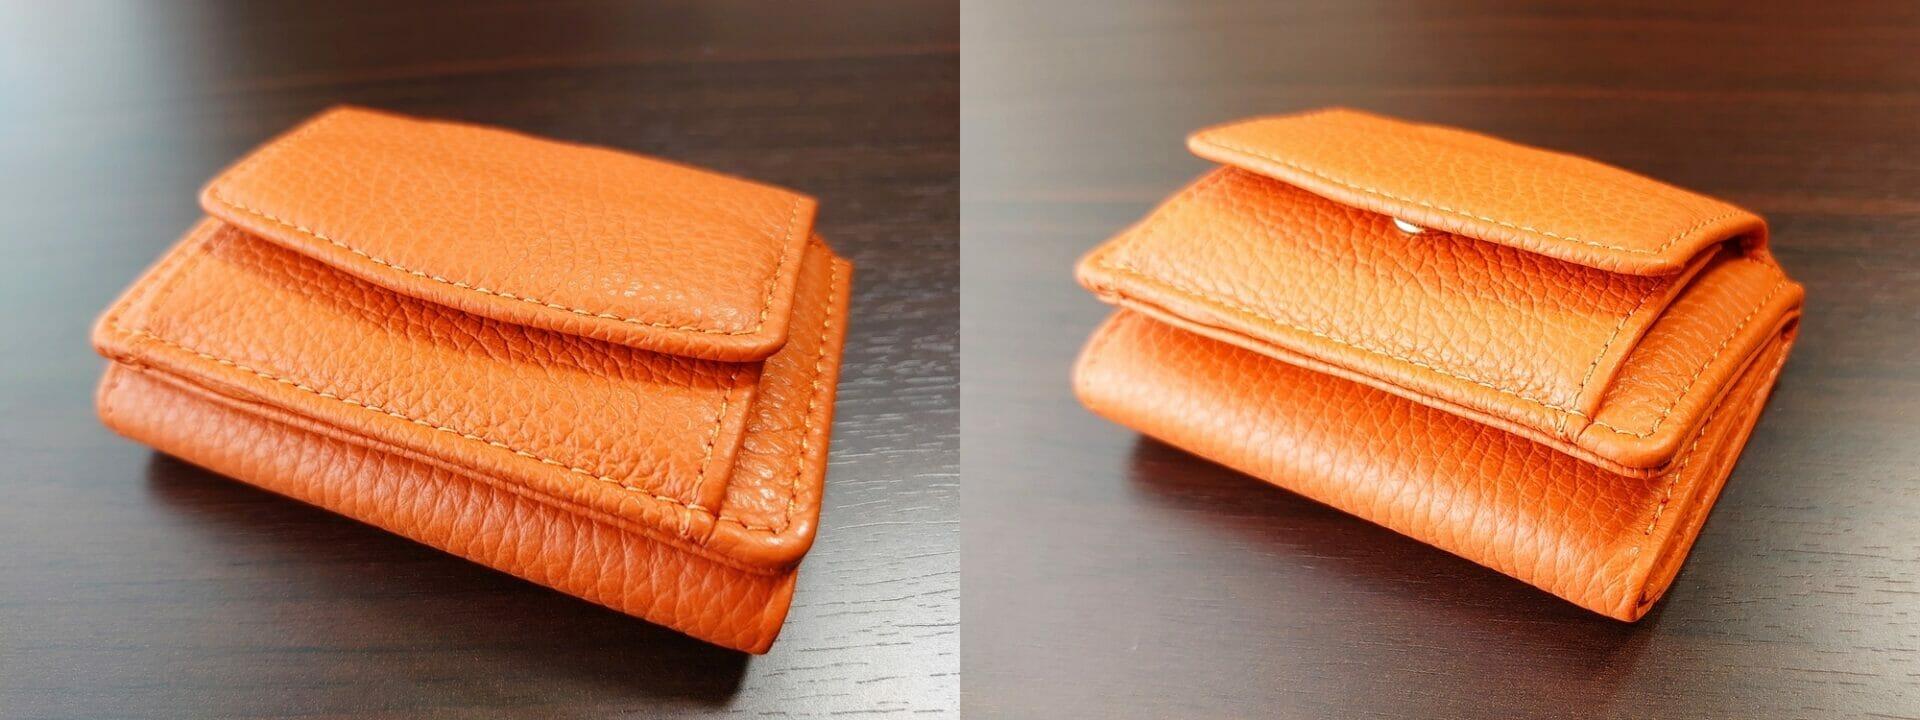 三つ折り財布 ST-909 イタリア製シュリンクレザー スキミング防止機能付 ミニ財布(オレンジ)MURA(ムラ)財布の厚み 空の状態と比較